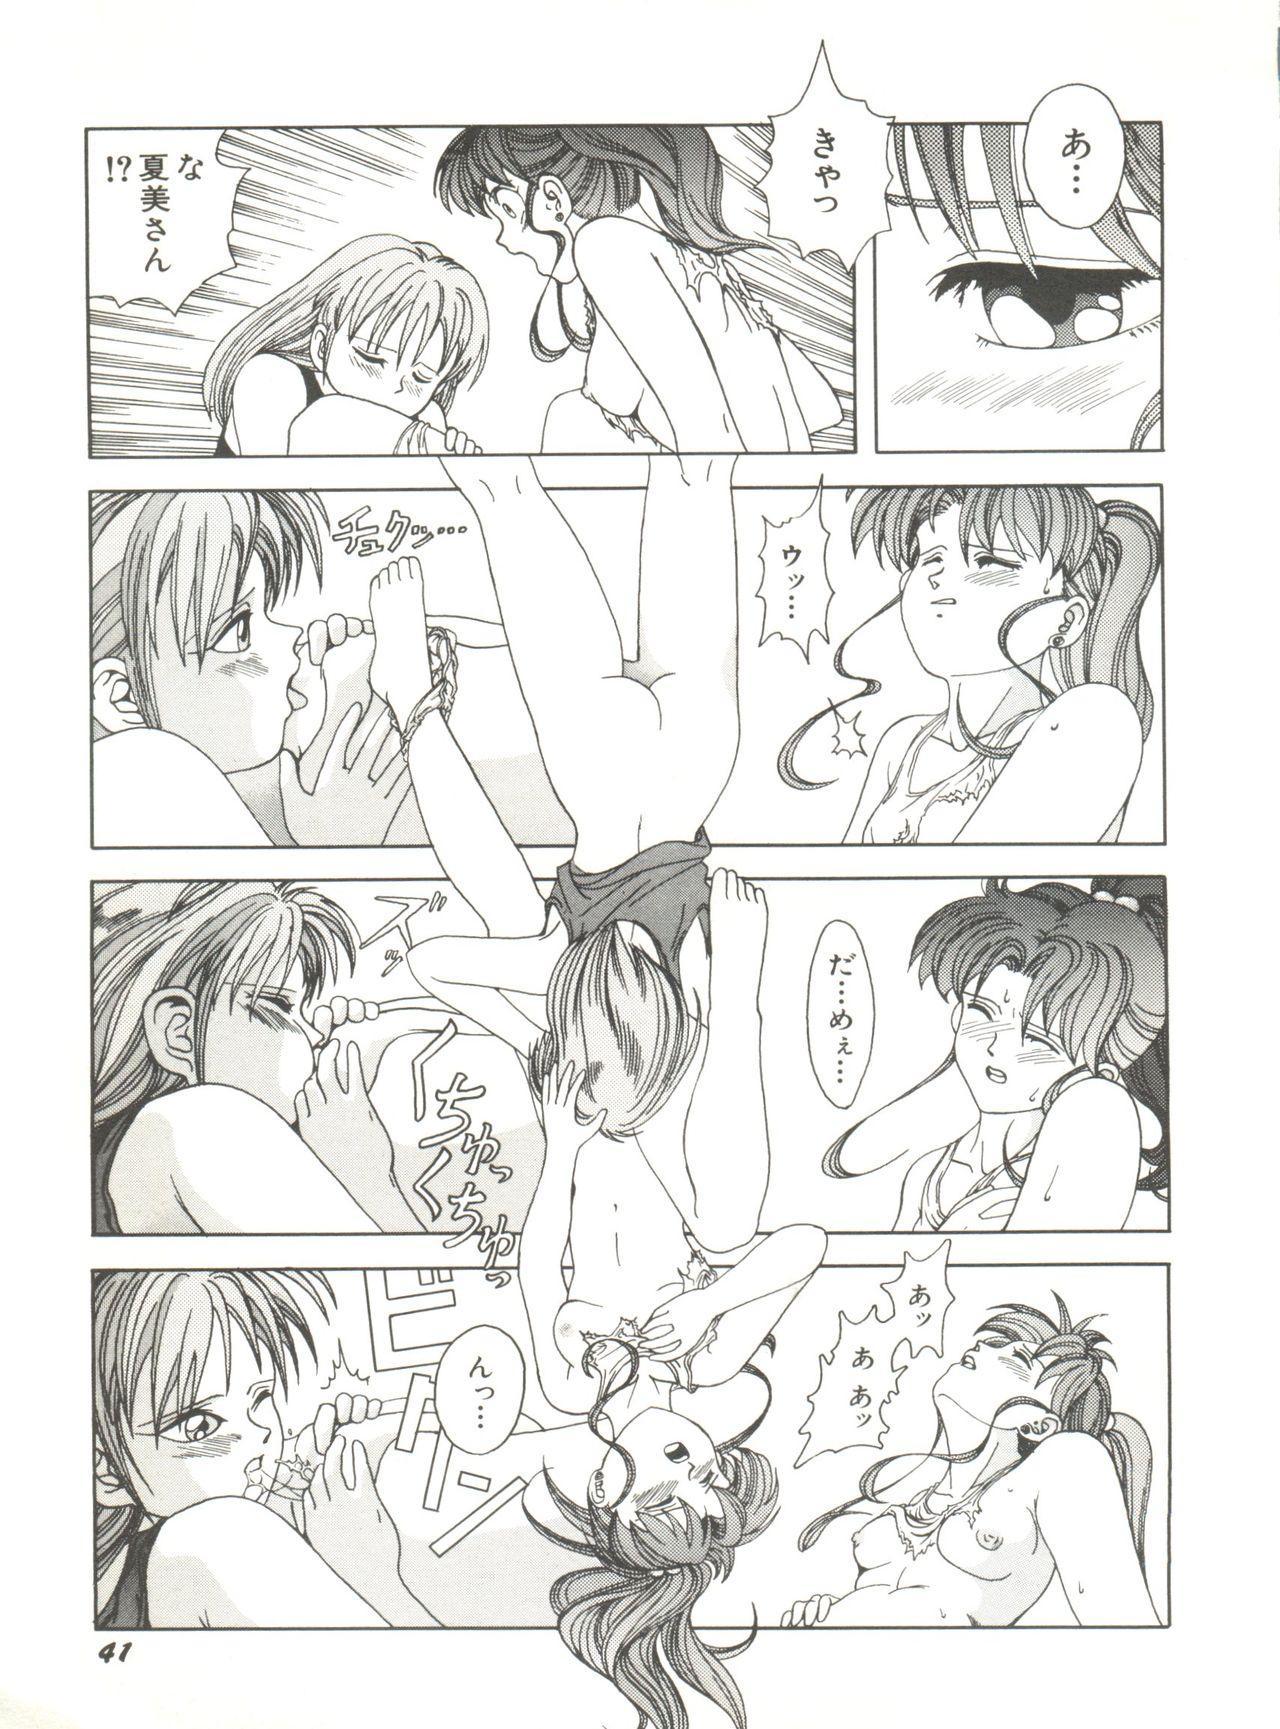 Bishoujo Doujinshi Anthology 12 - Moon Paradise 7 Tsuki no Rakuen 45